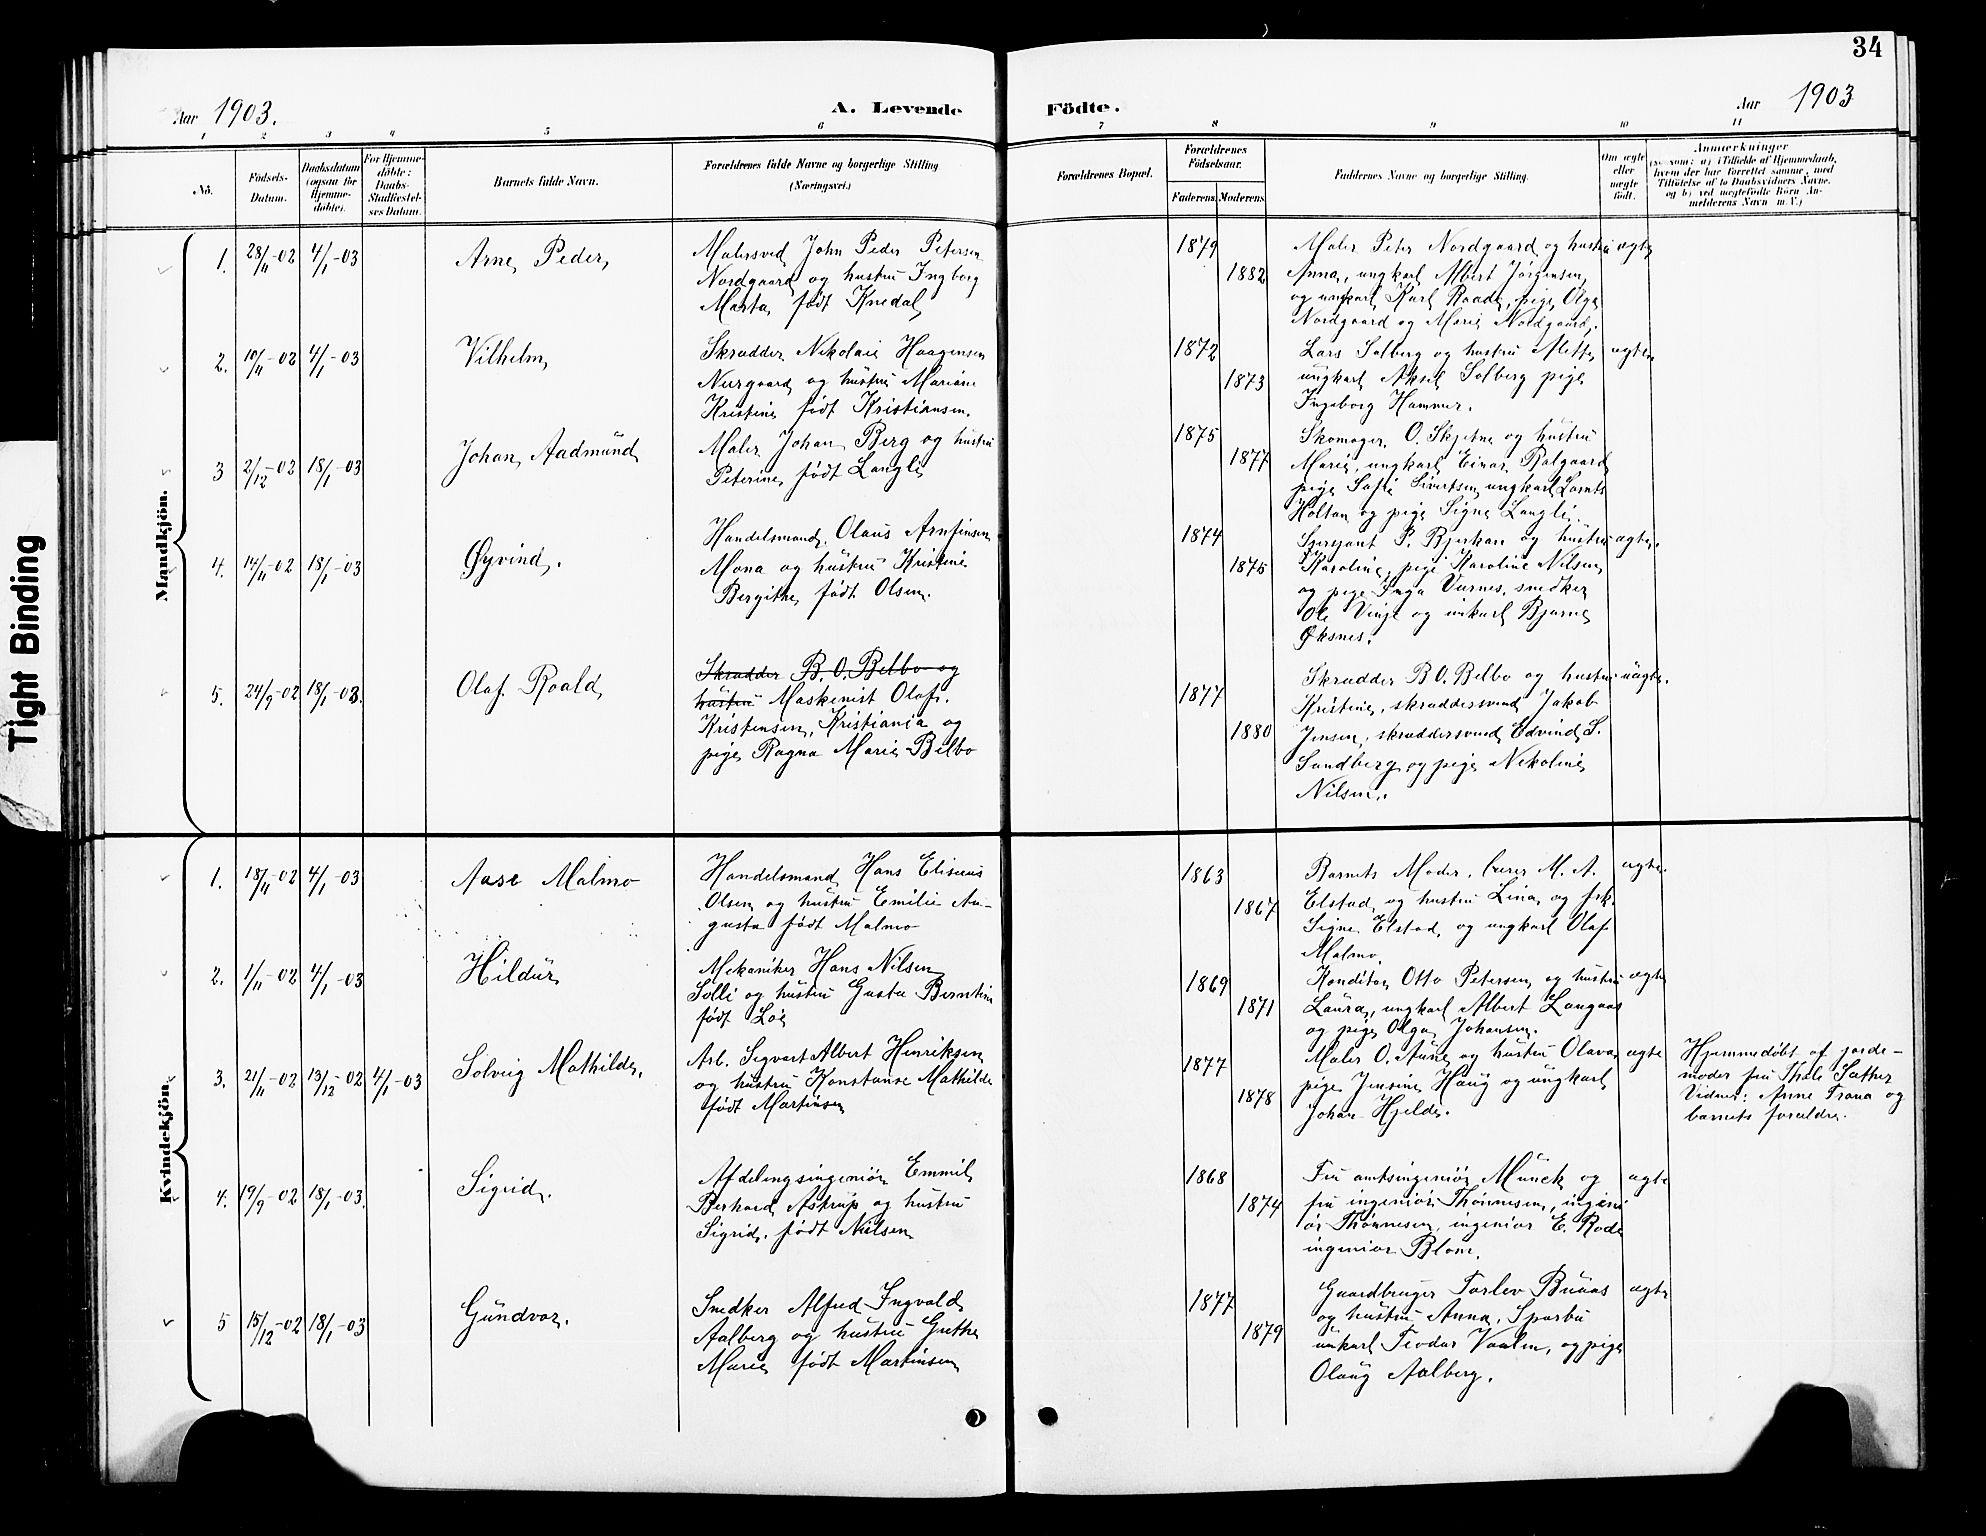 SAT, Ministerialprotokoller, klokkerbøker og fødselsregistre - Nord-Trøndelag, 739/L0375: Klokkerbok nr. 739C03, 1898-1908, s. 34